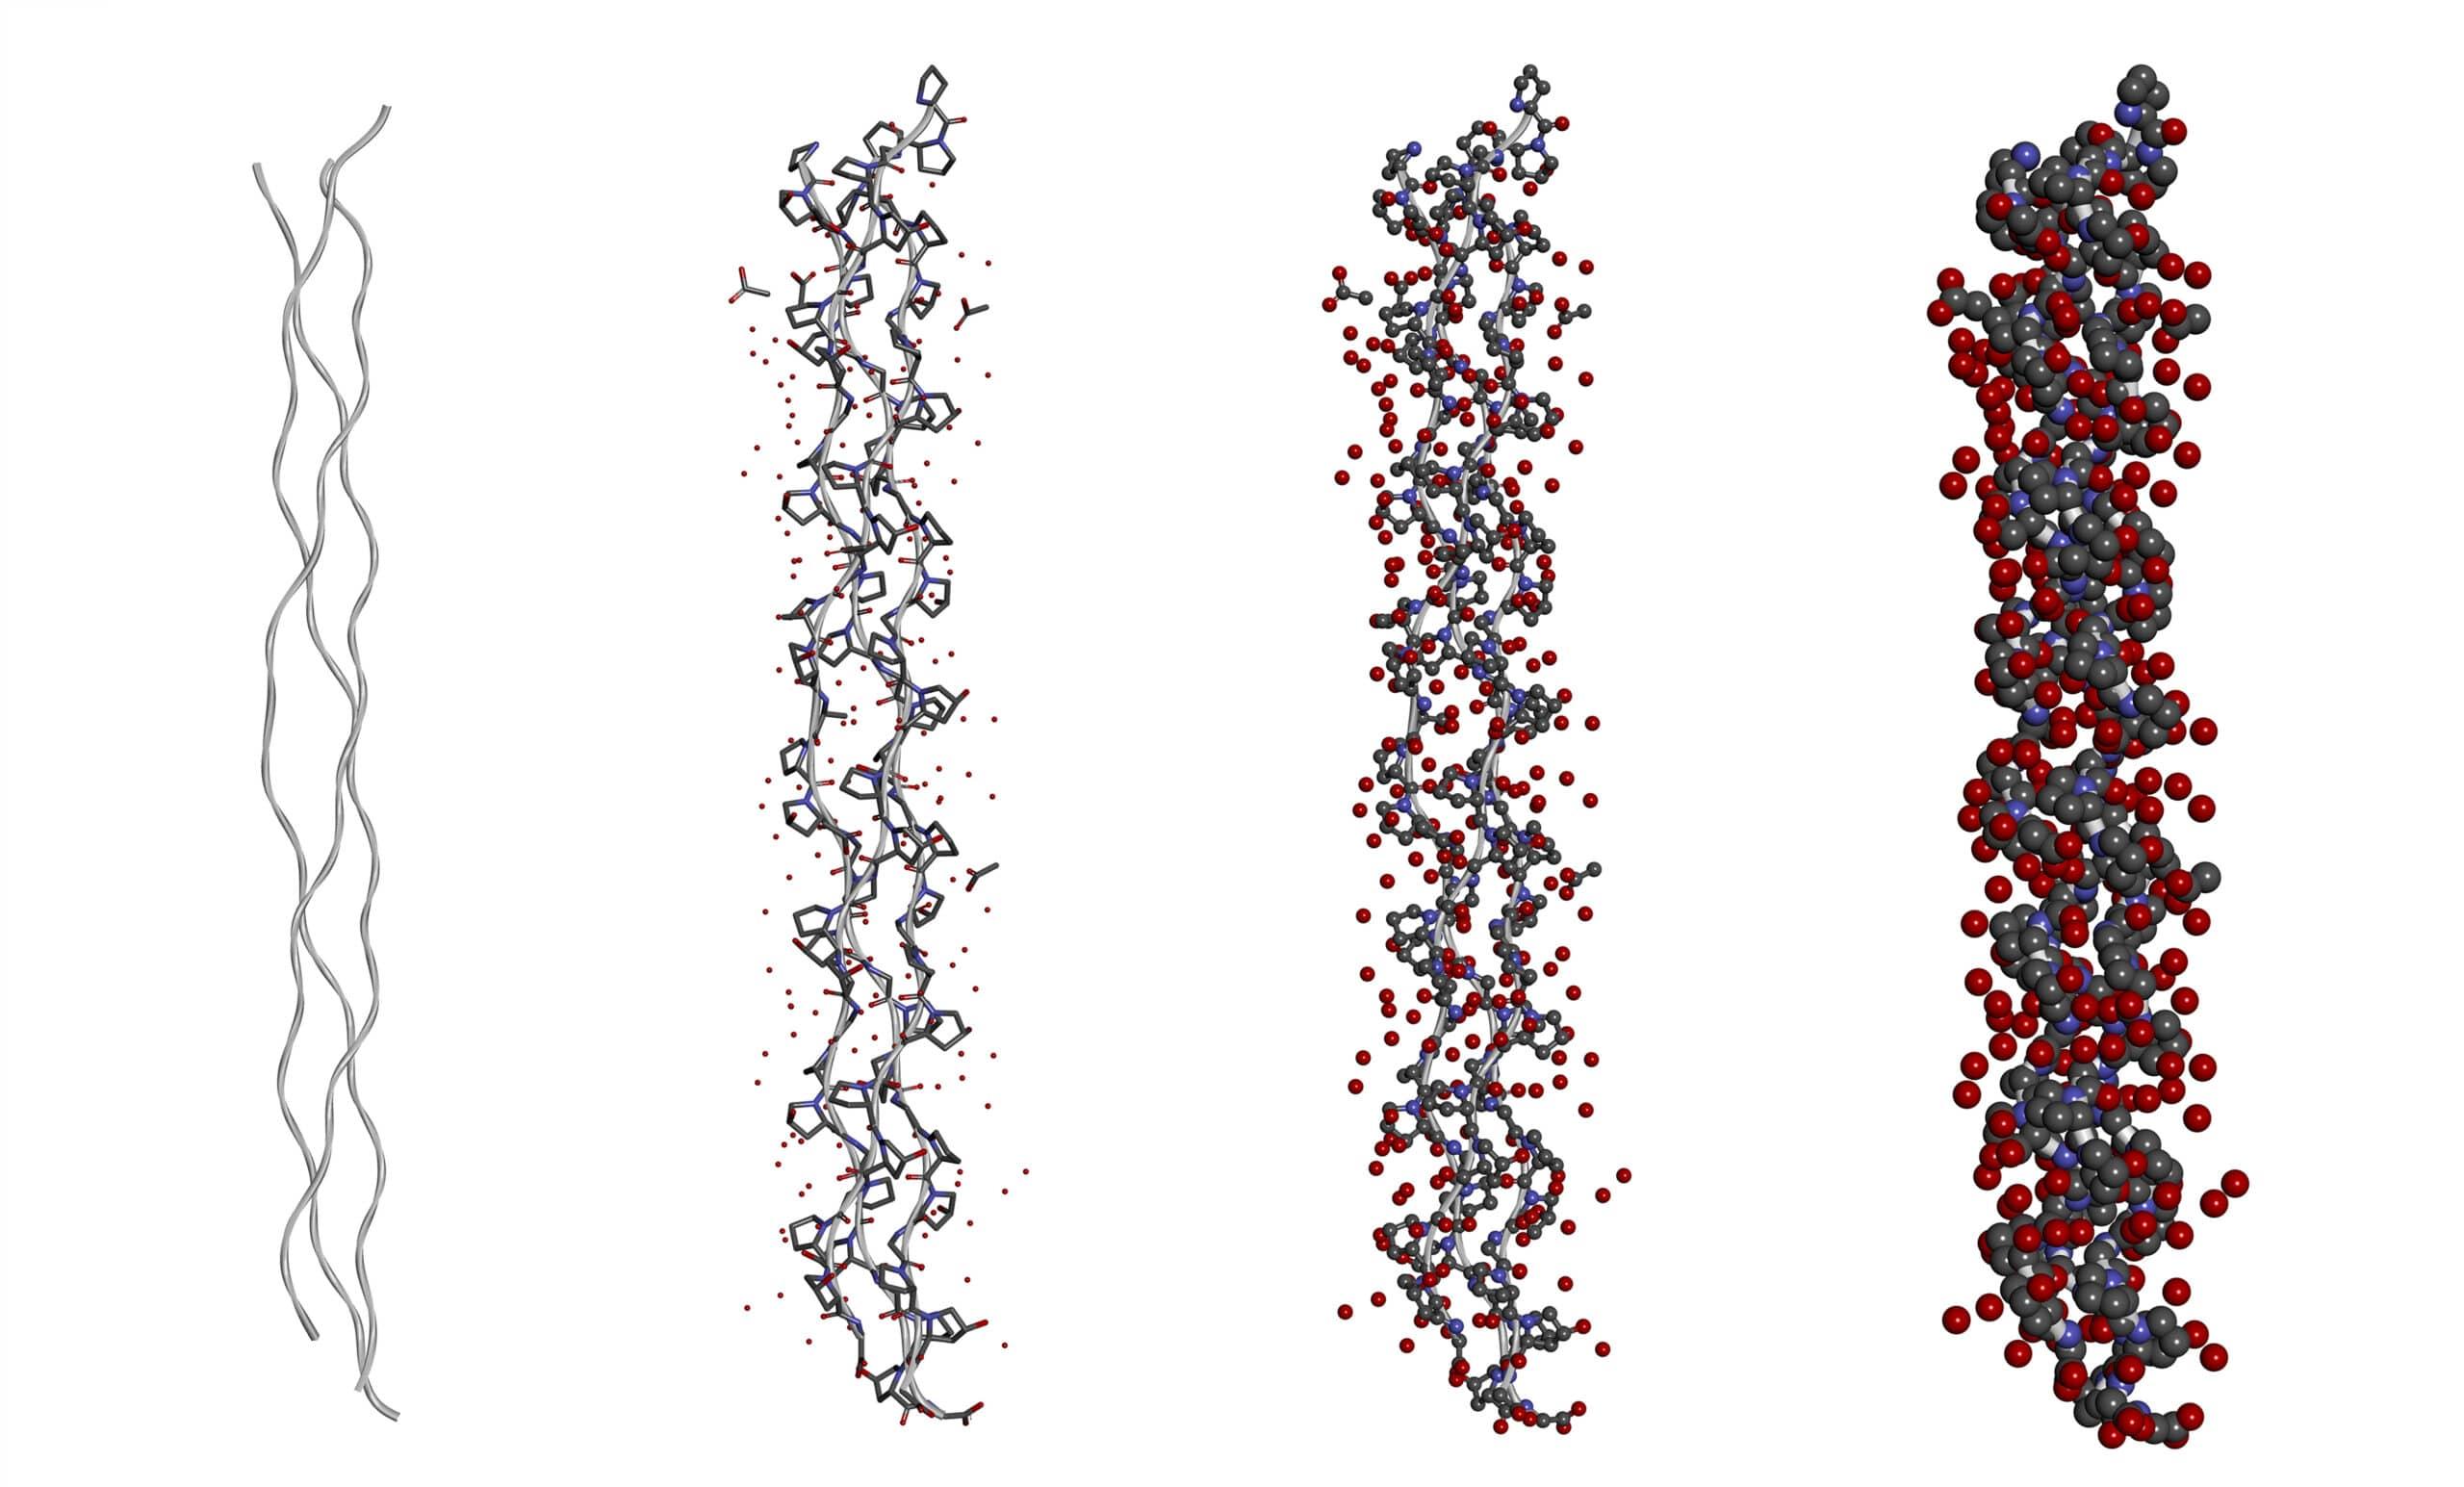 Proceso de hidratación de una molécula de péptido de colágeno de triple hélice en diferentes modelos